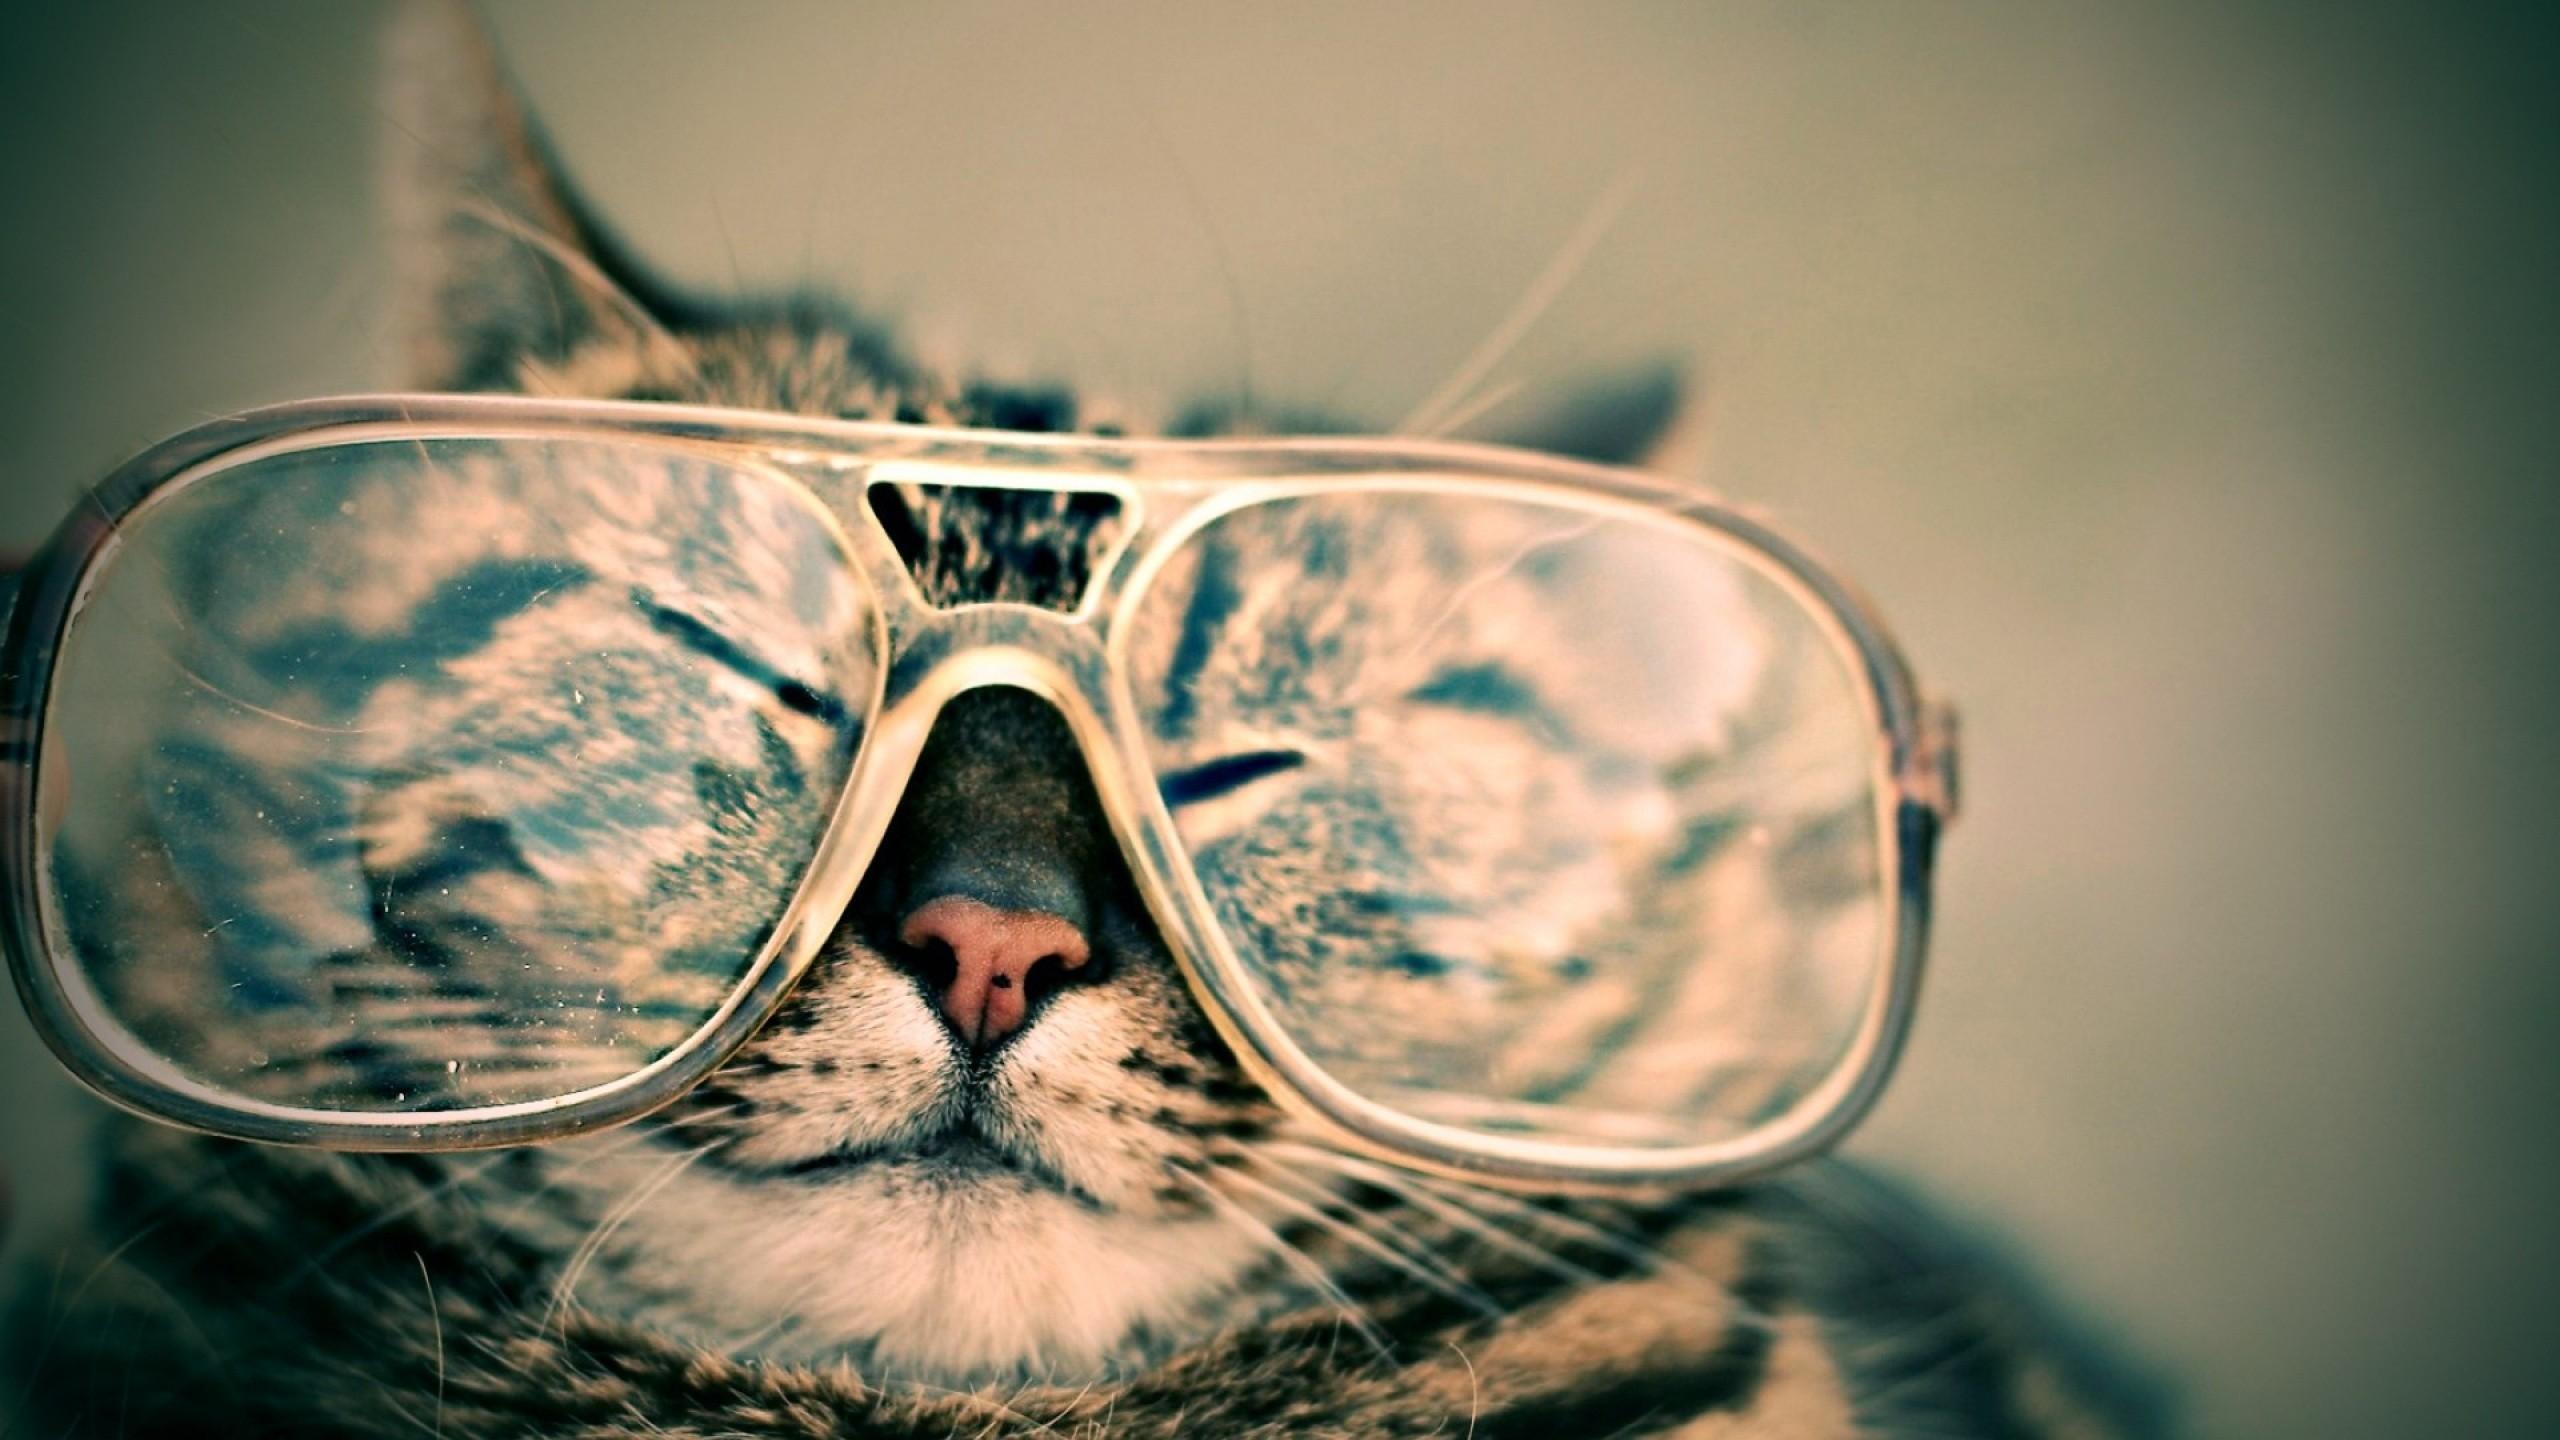 Cats, Big Glasses, Specs, Ph